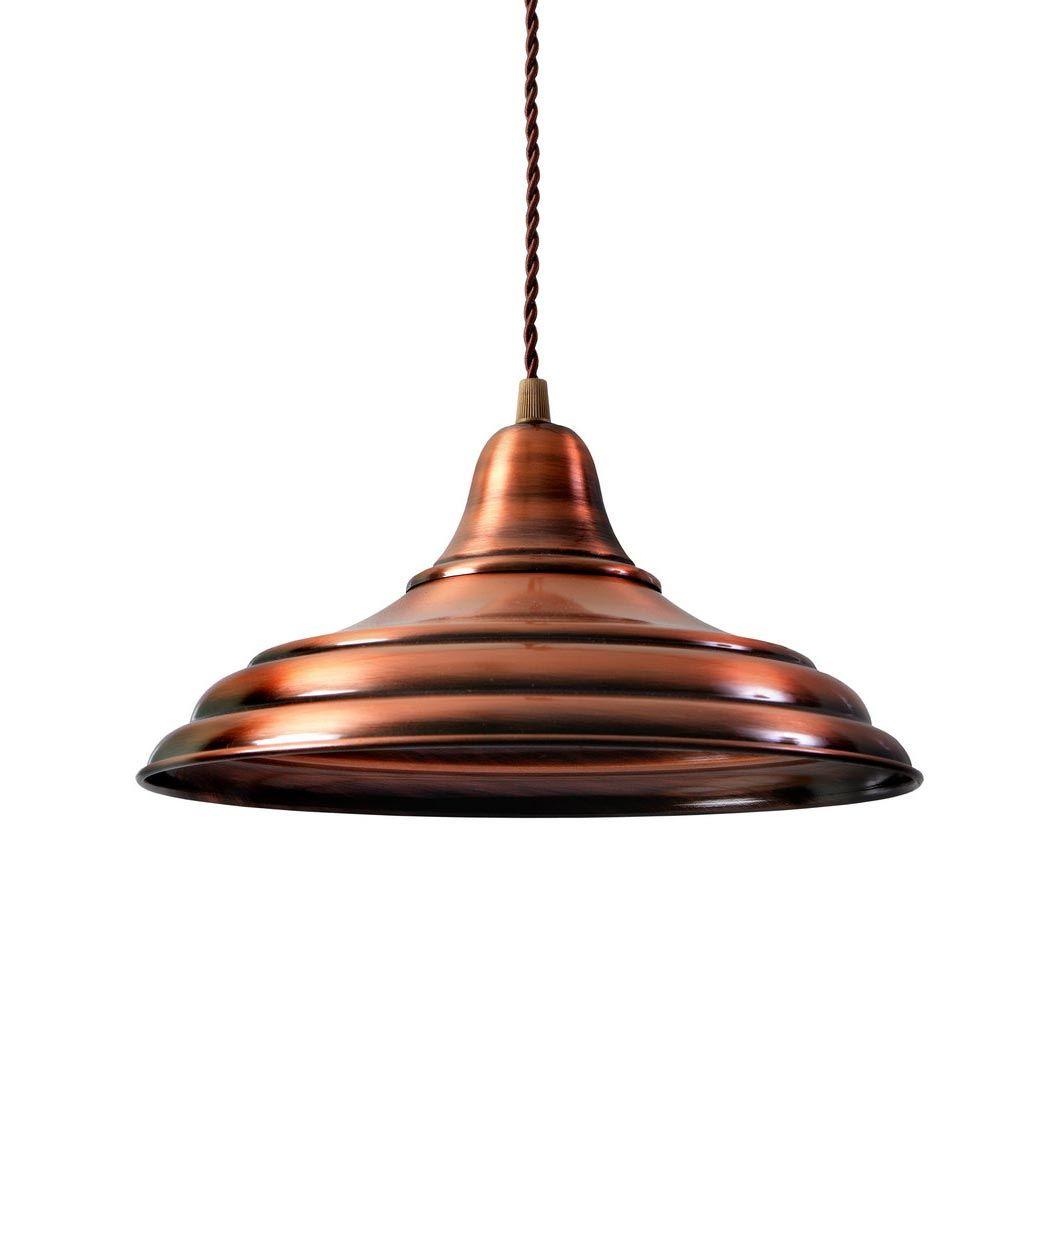 Lámpara industrial cobre HANNOVER